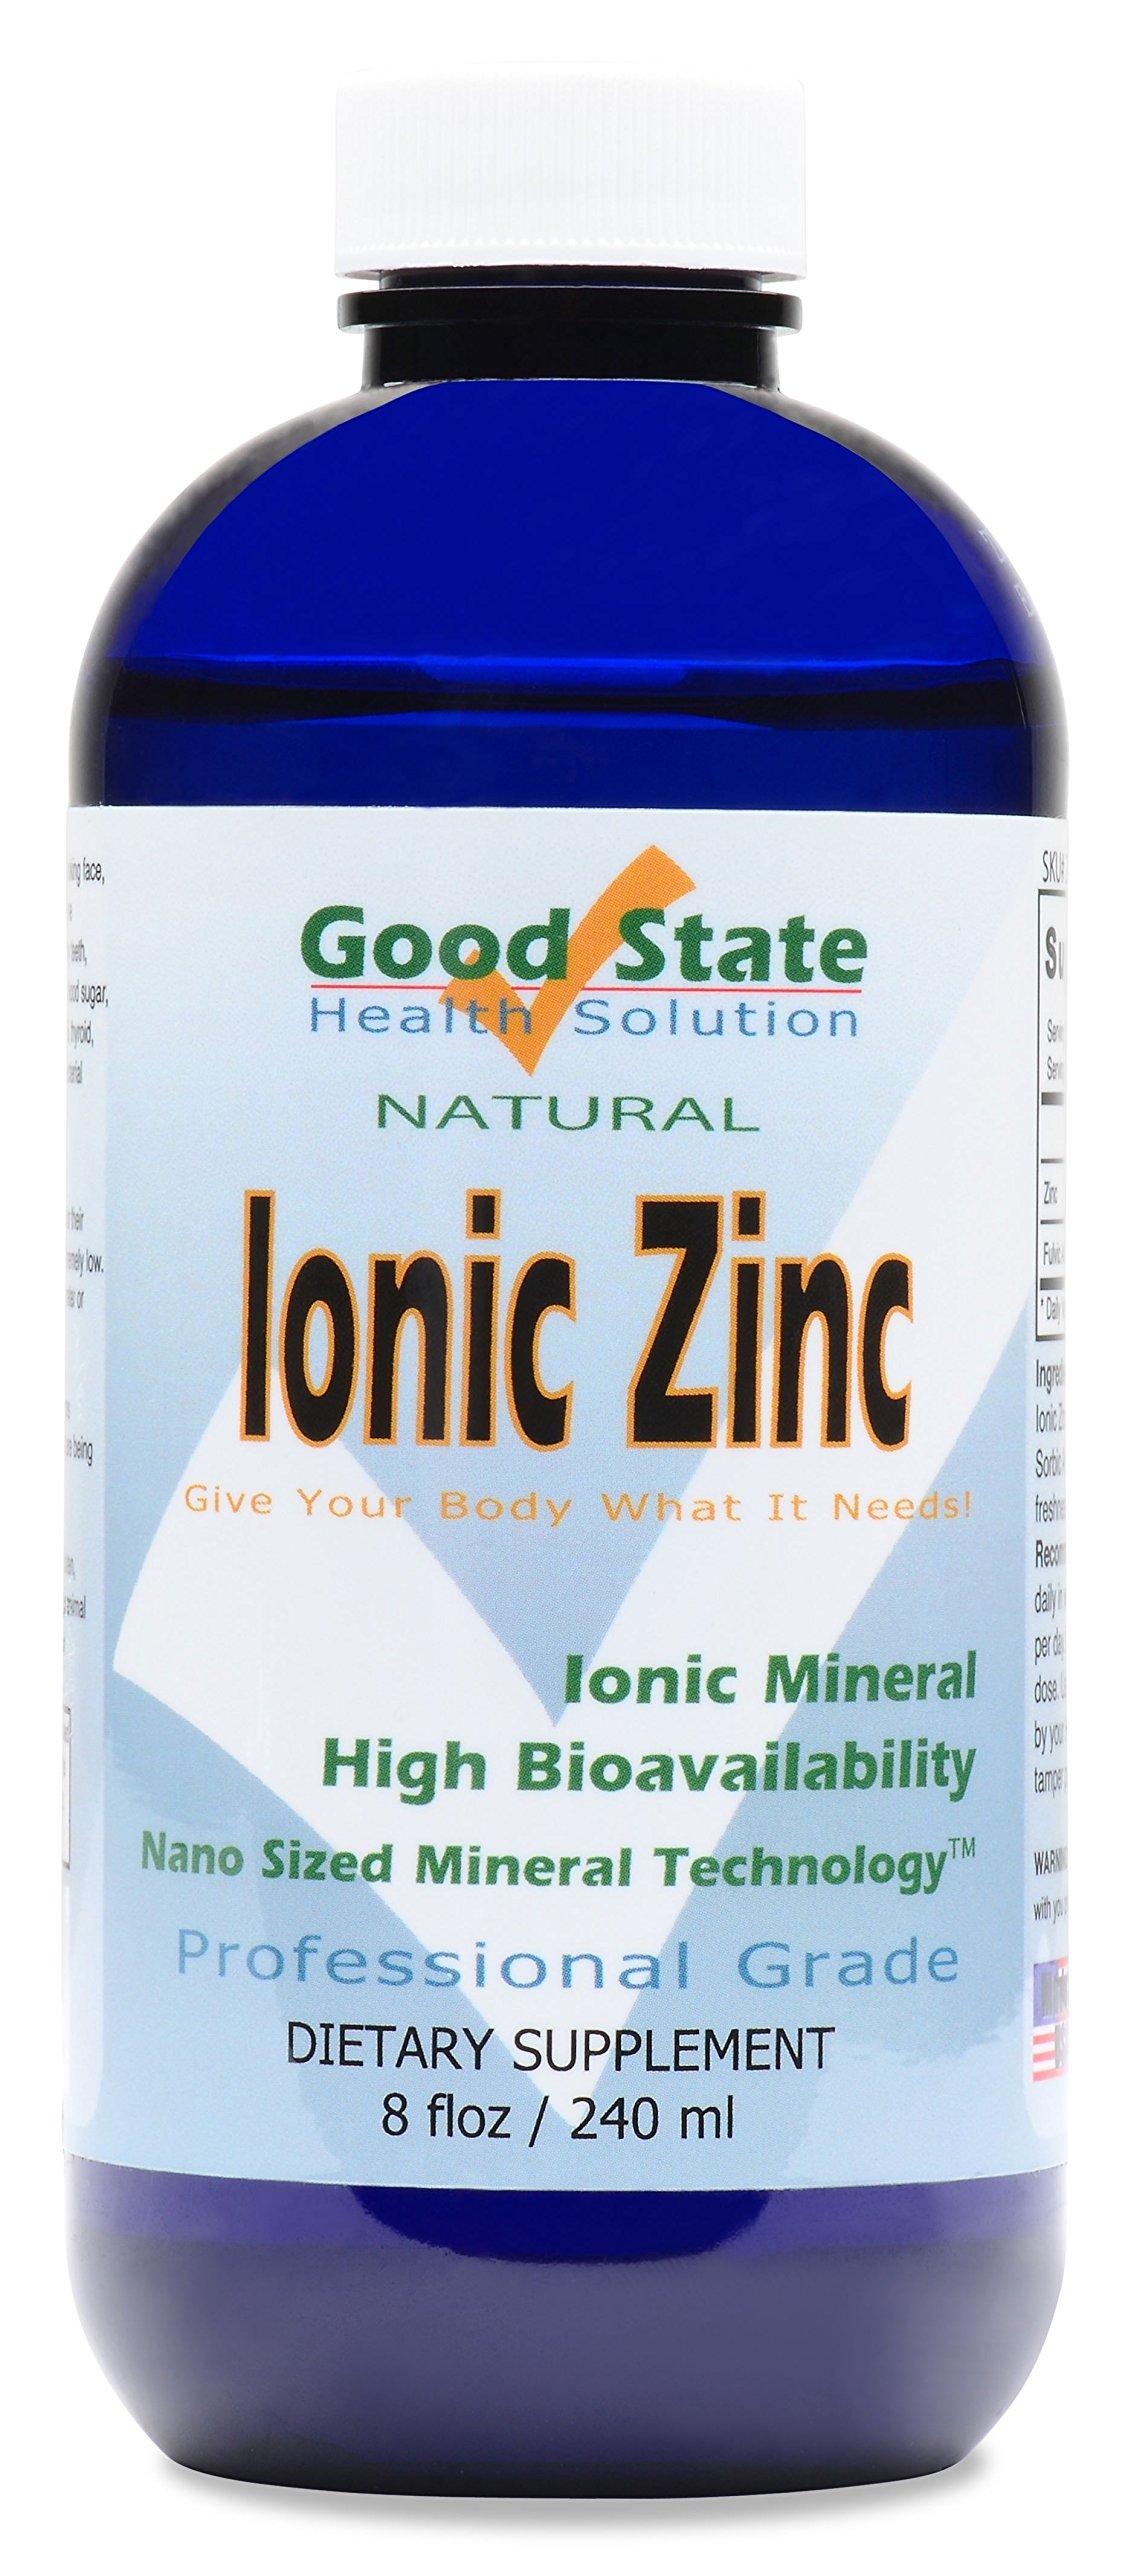 Good State Liquid Ionic Zinc (96 servings at 18 mg elemental, plus 2 mg fulvic acid - 8 fl oz)